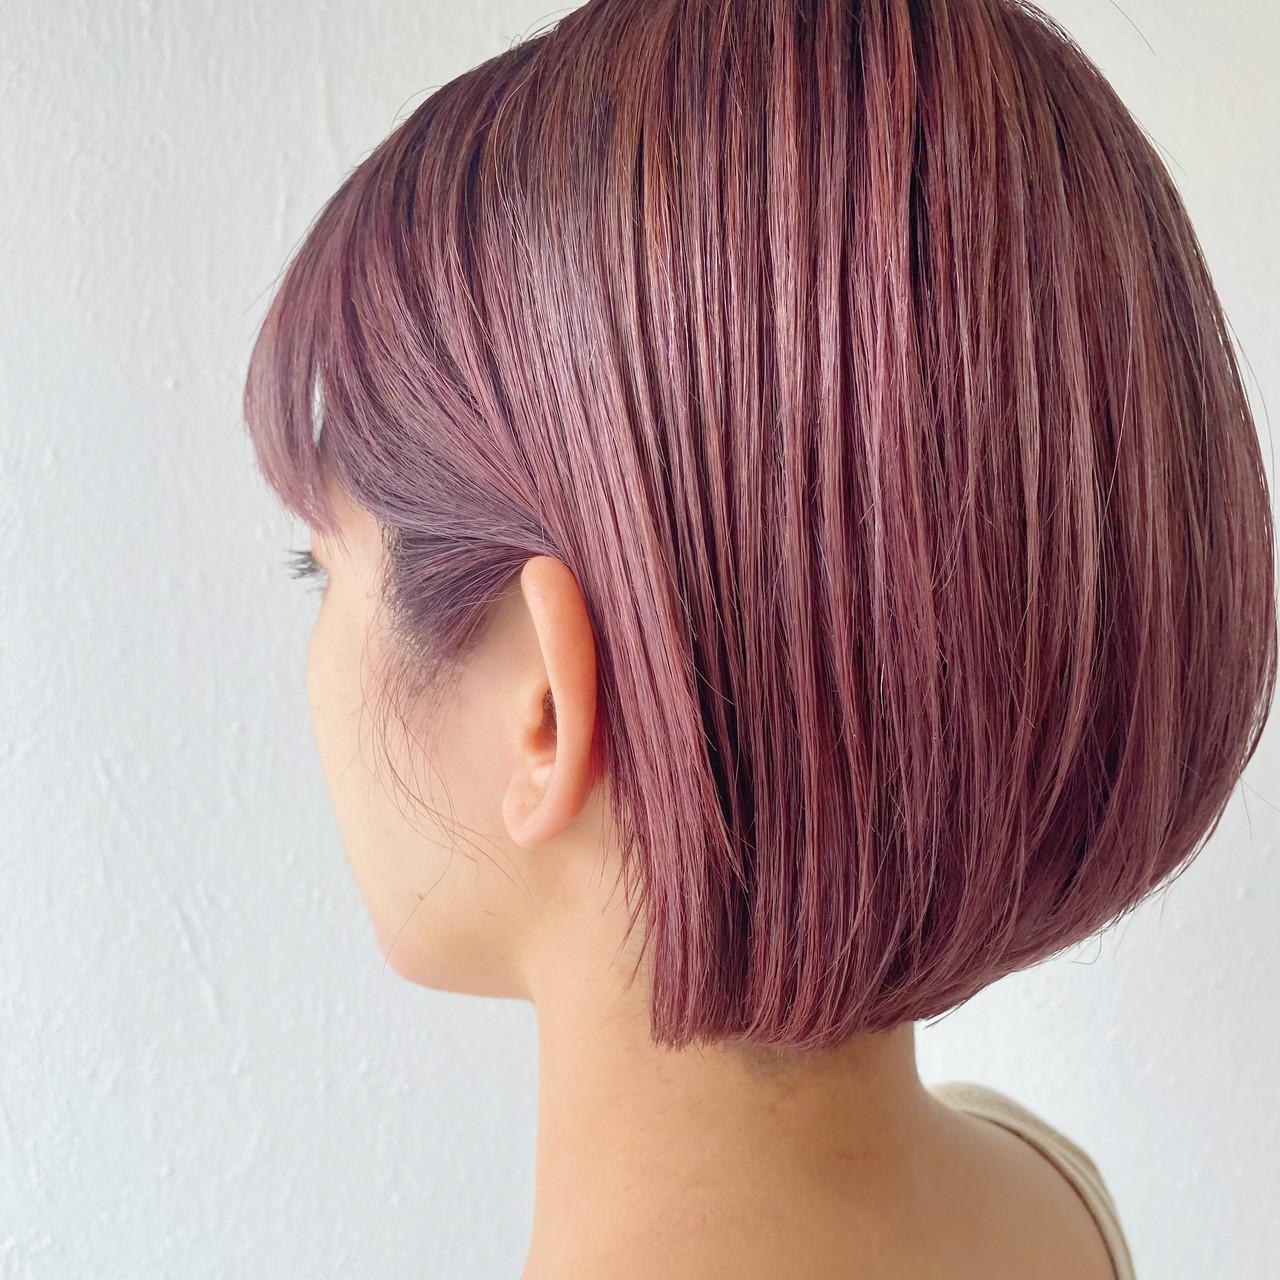 切りっぱなしボブ ナチュラル ピンクベージュ ショートボブ ヘアスタイルや髪型の写真・画像 | 松本 健 / KHAKI